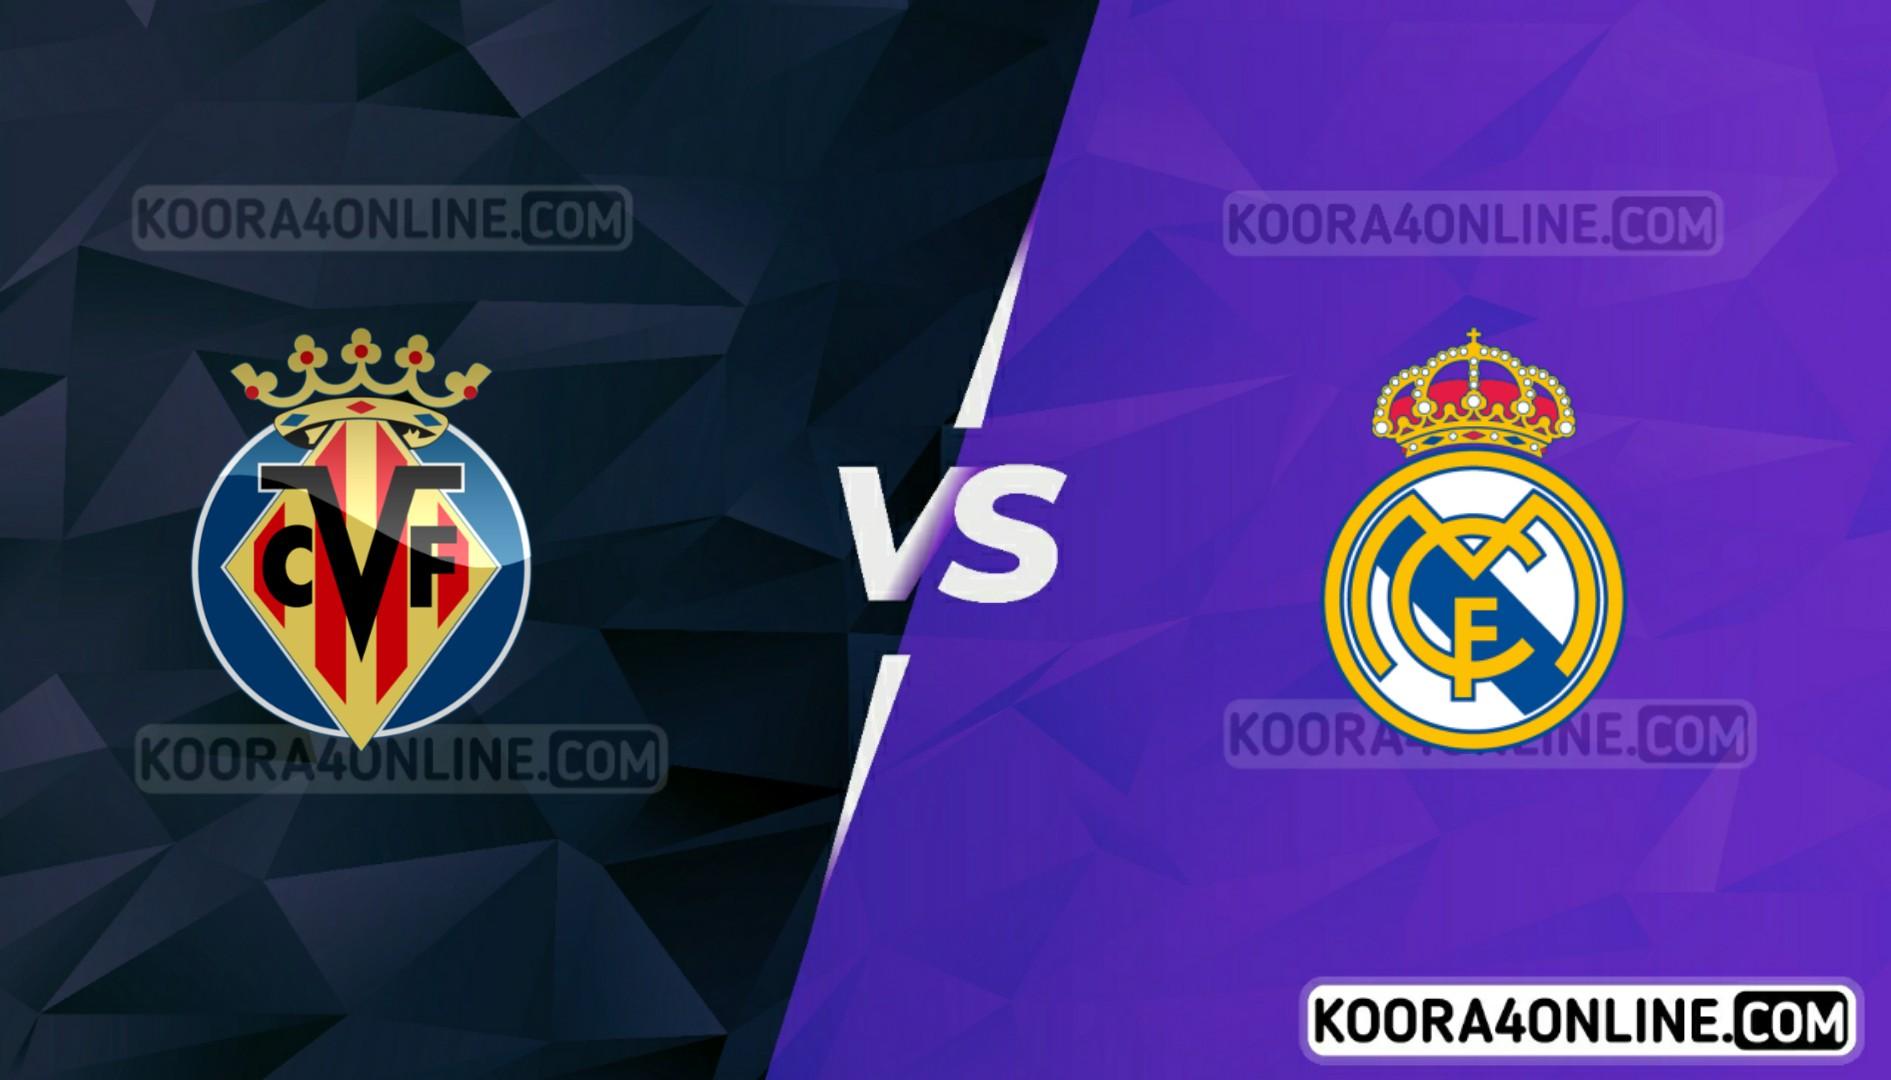 مشاهدة مباراة ريال مدريد وفياريال القادمة كورة اون لاين بث مباشر اليوم 25-09-2021 في الدوري الإيطالي